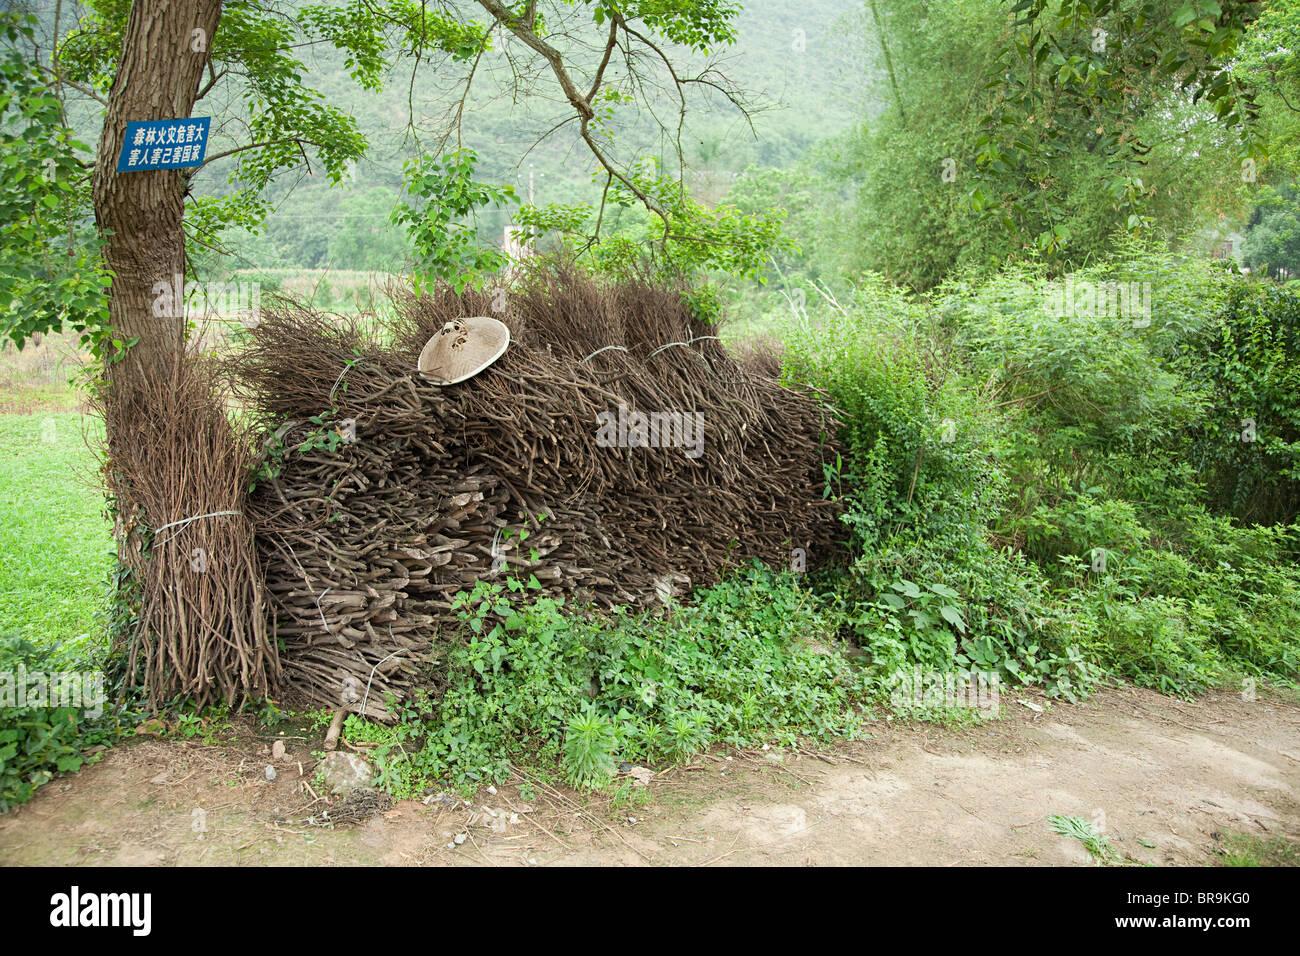 China, guangxi province, yangshuo, bundles of sticks - Stock Image